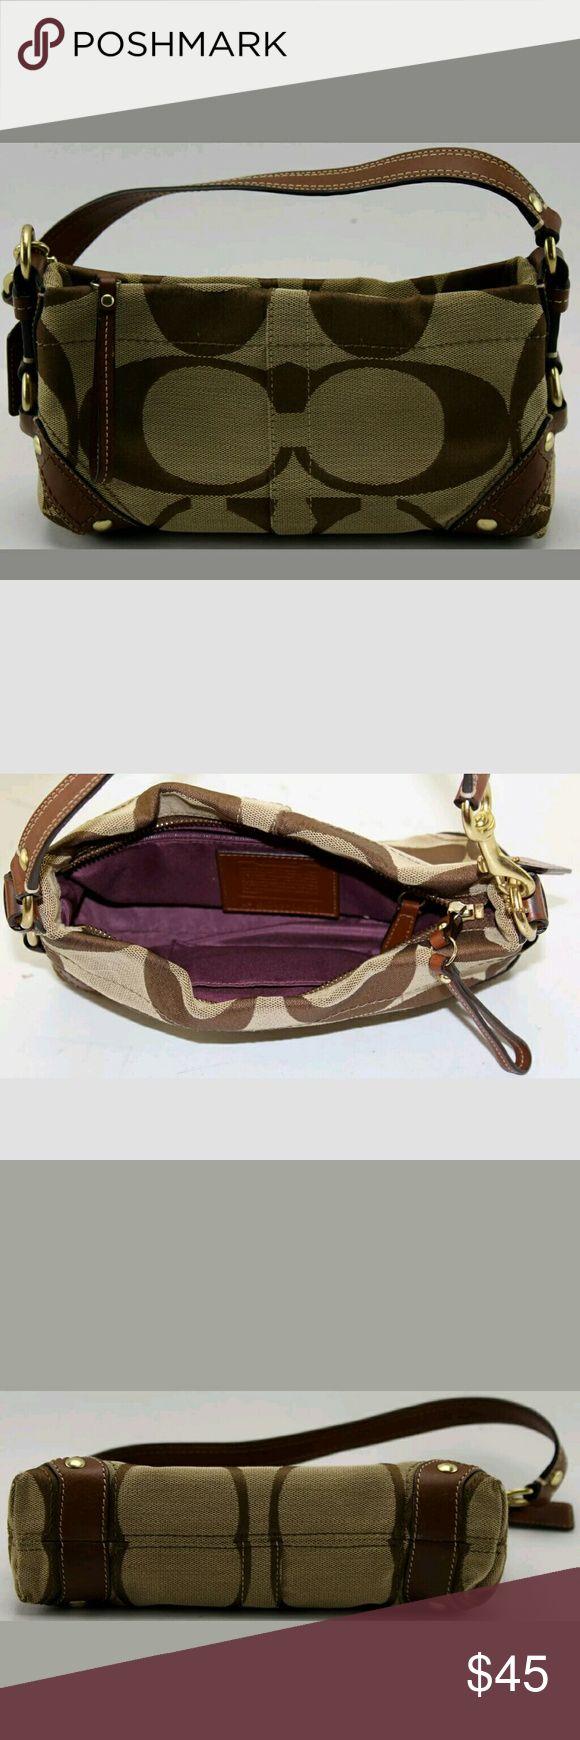 Coach clutch Excellent condition Coach Bags Mini Bags